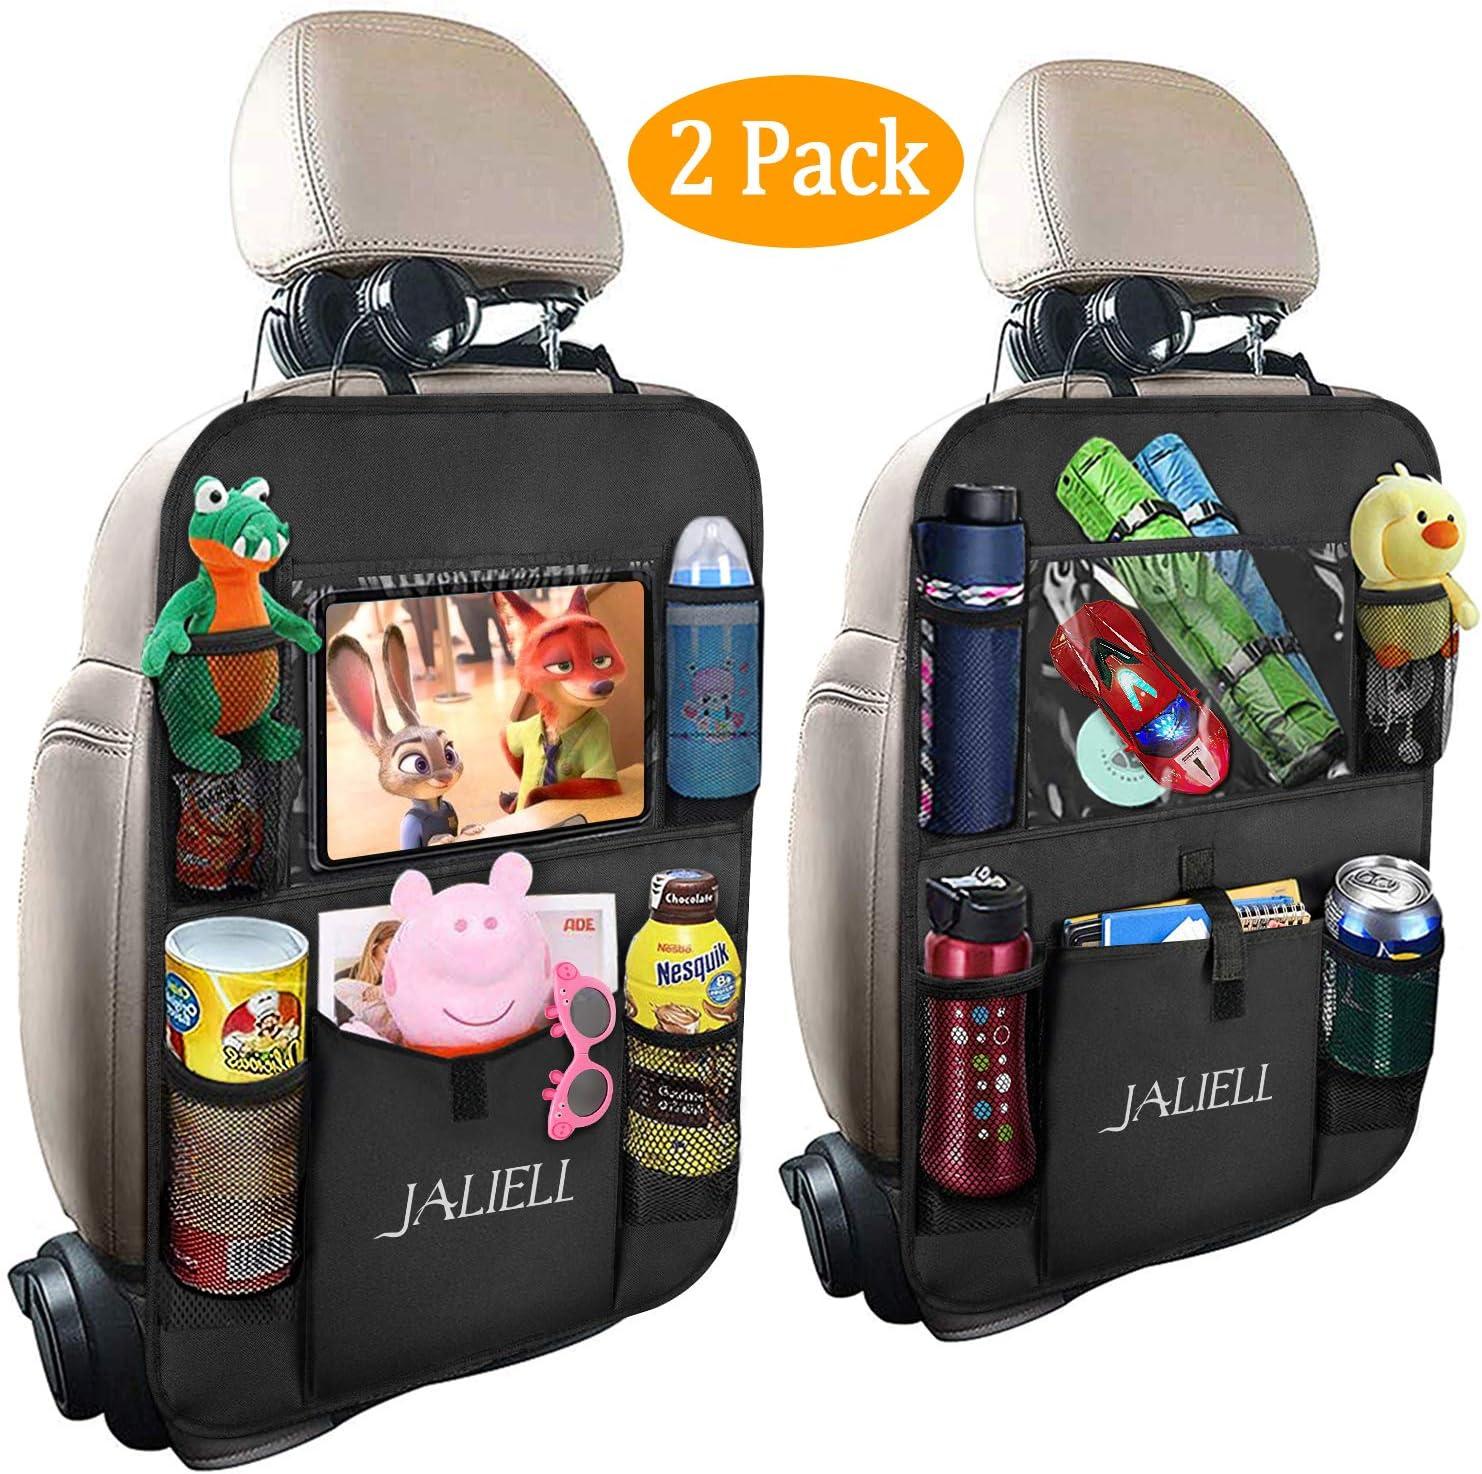 organizador de asiento de coche bolsillos para asiento de coche Derecha organizador lateral iSunday caja de almacenamiento piel sint/ética Organizador lateral para asiento de coche beige